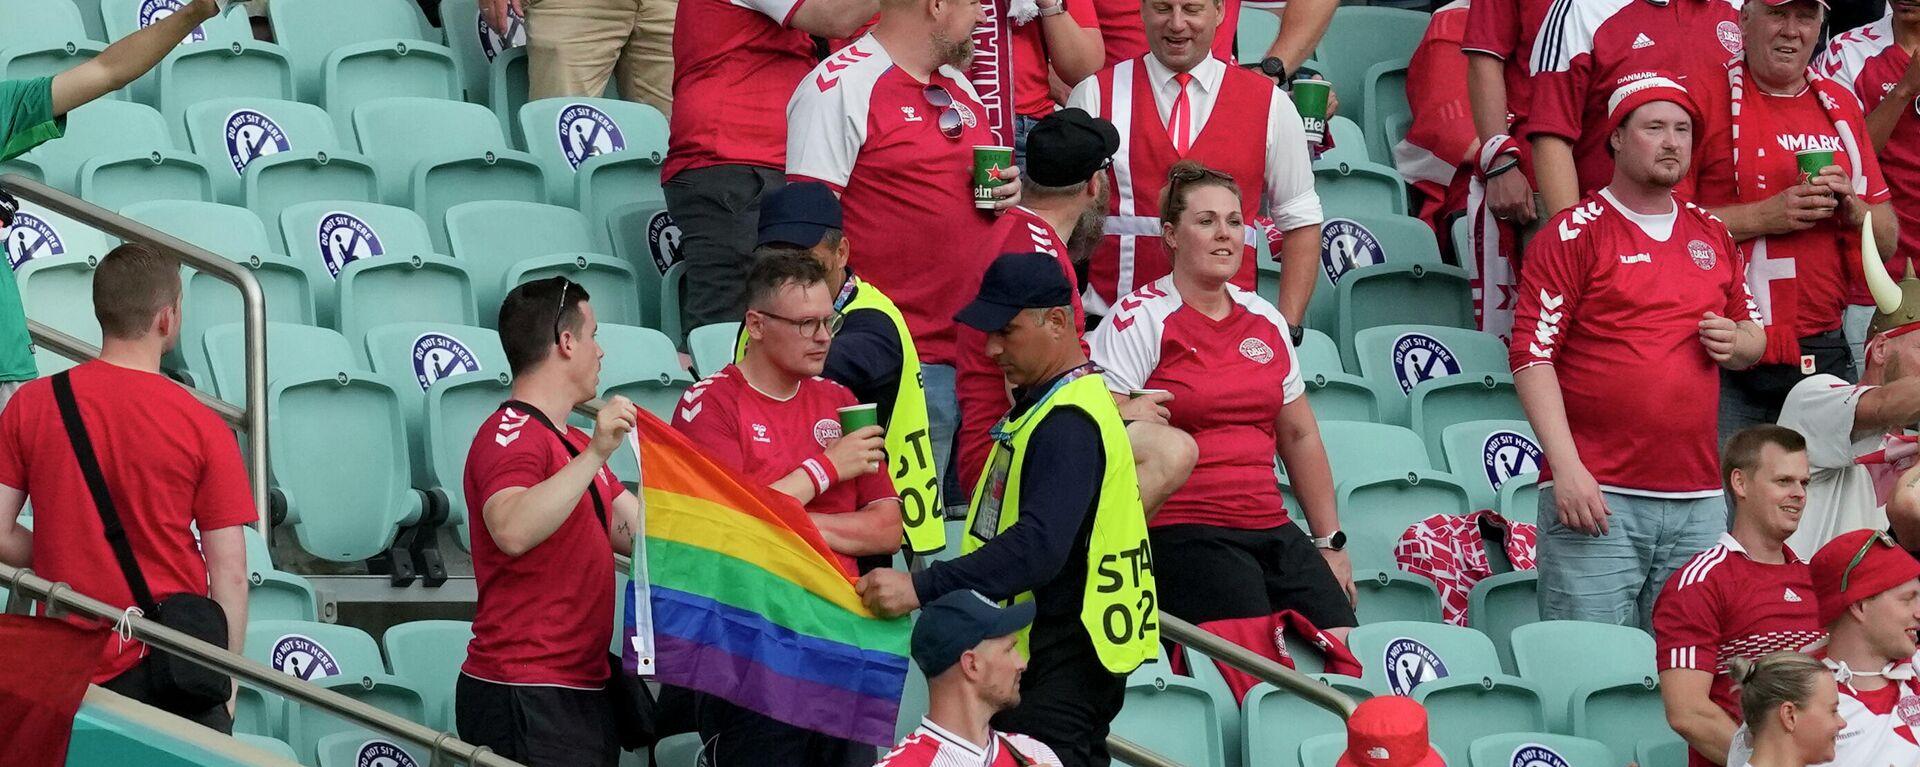 Einem Dänischen Fan wird beim Viertelfinale gegen Tschechien die Regenbogenflagge offenbar entnommen - SNA, 1920, 04.07.2021